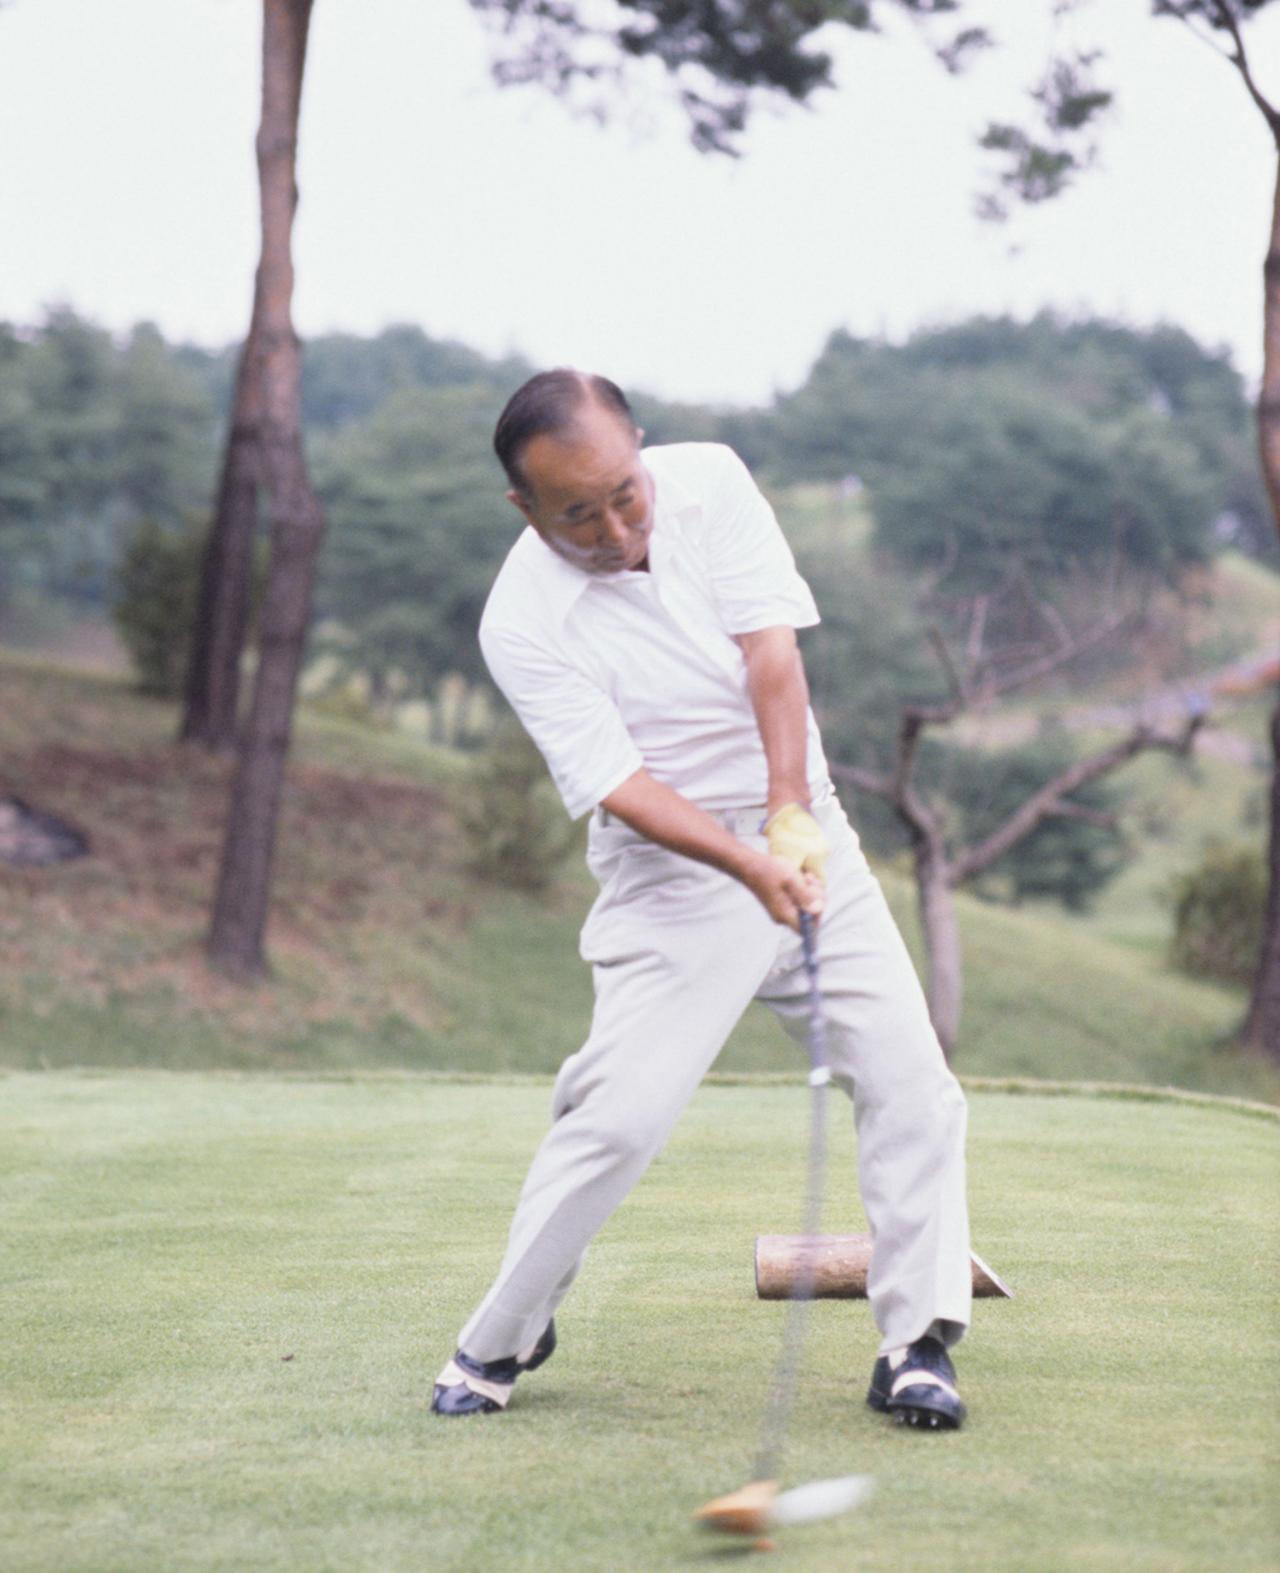 画像5: 【今日は何の日? ゴルフの日】60年前の昭和32年10月27日にカナダカップ優勝。霞ヶ関CC東コースでマークした日本チームのスコアは? 日本のタイガー中村寅吉